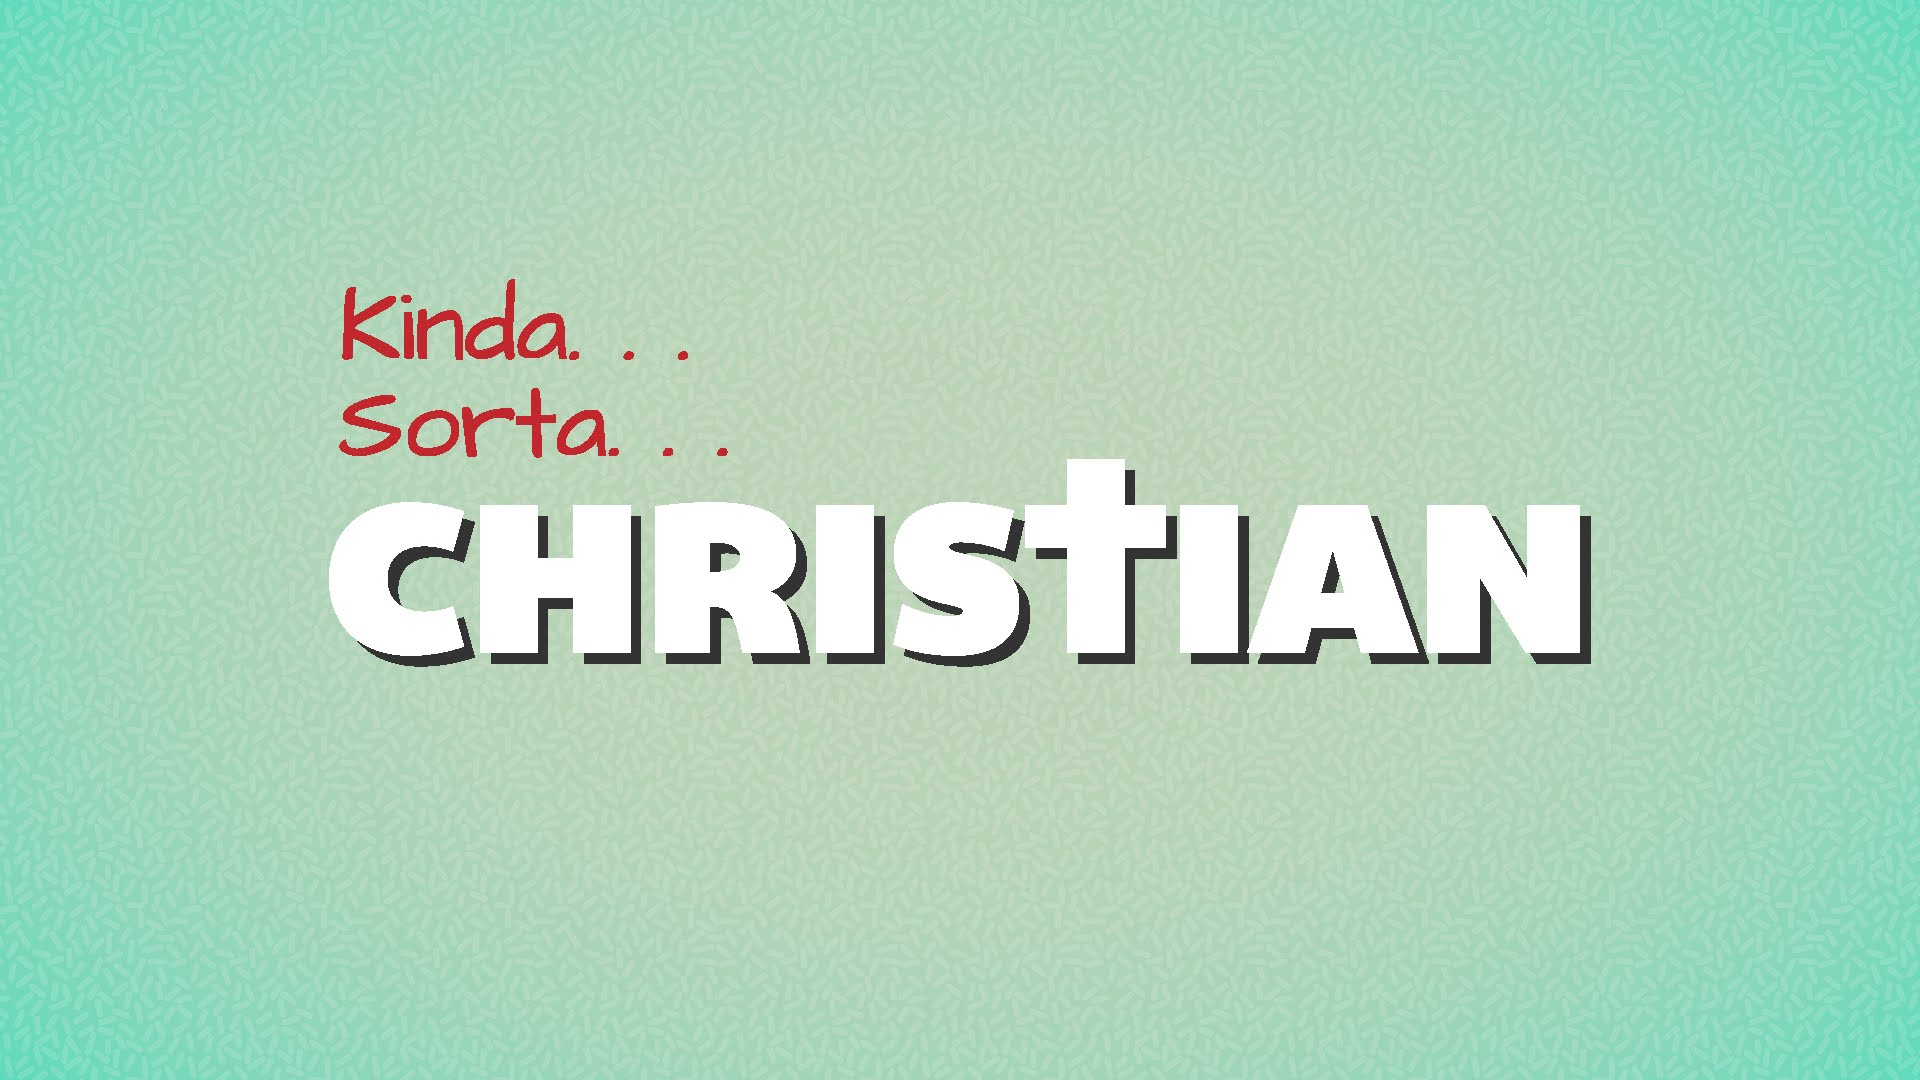 Meio Sorta Christian: Eu sou um cristão, mas eu não conheço Deus